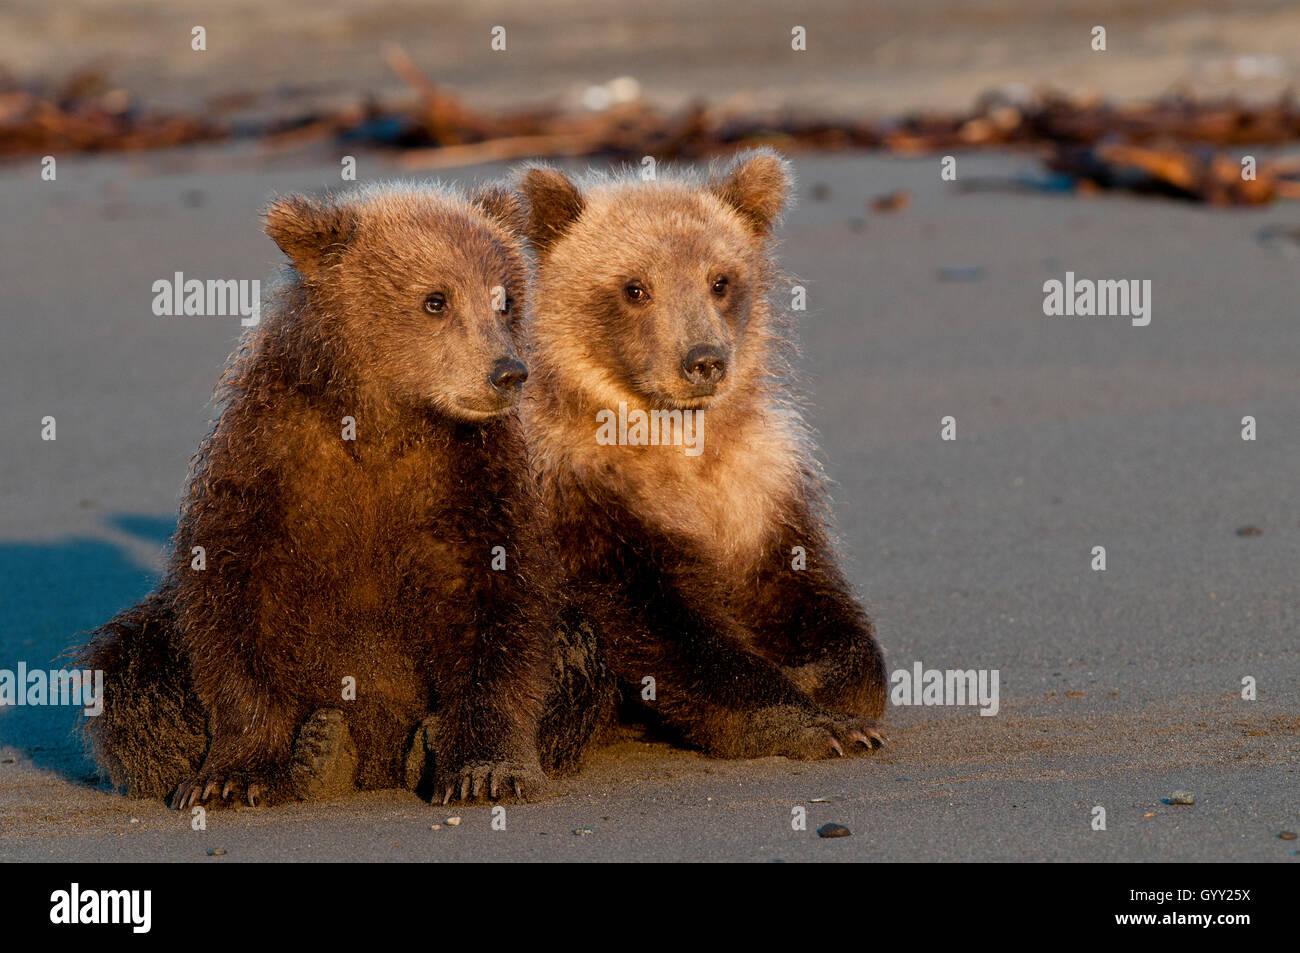 Crías de oso pardo (ursus arctos) descansando en la playa en el parque nacional lake Clark, Alaska Imagen De Stock